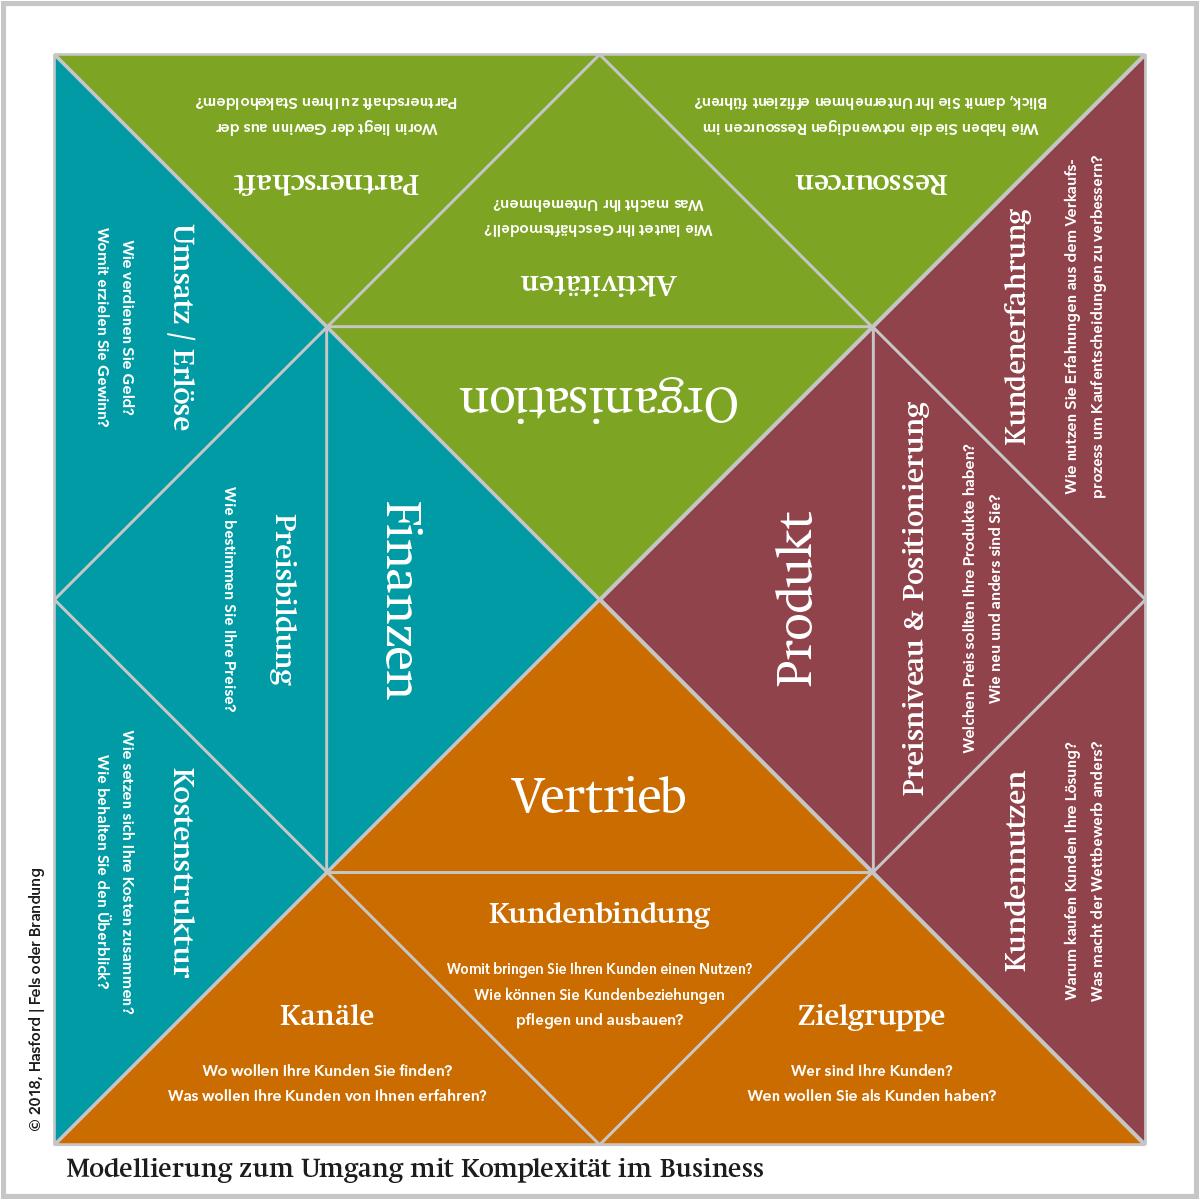 Klarheit und Konsequenz im Business! Die richtigen Fragen stellen! Corona Pandemie: Analyse + Aktuelle Aufgaben identifizieren. Konflikte lösen. Umsetzung konsequent starten. | Ralf Hasford · Moderator / Coach